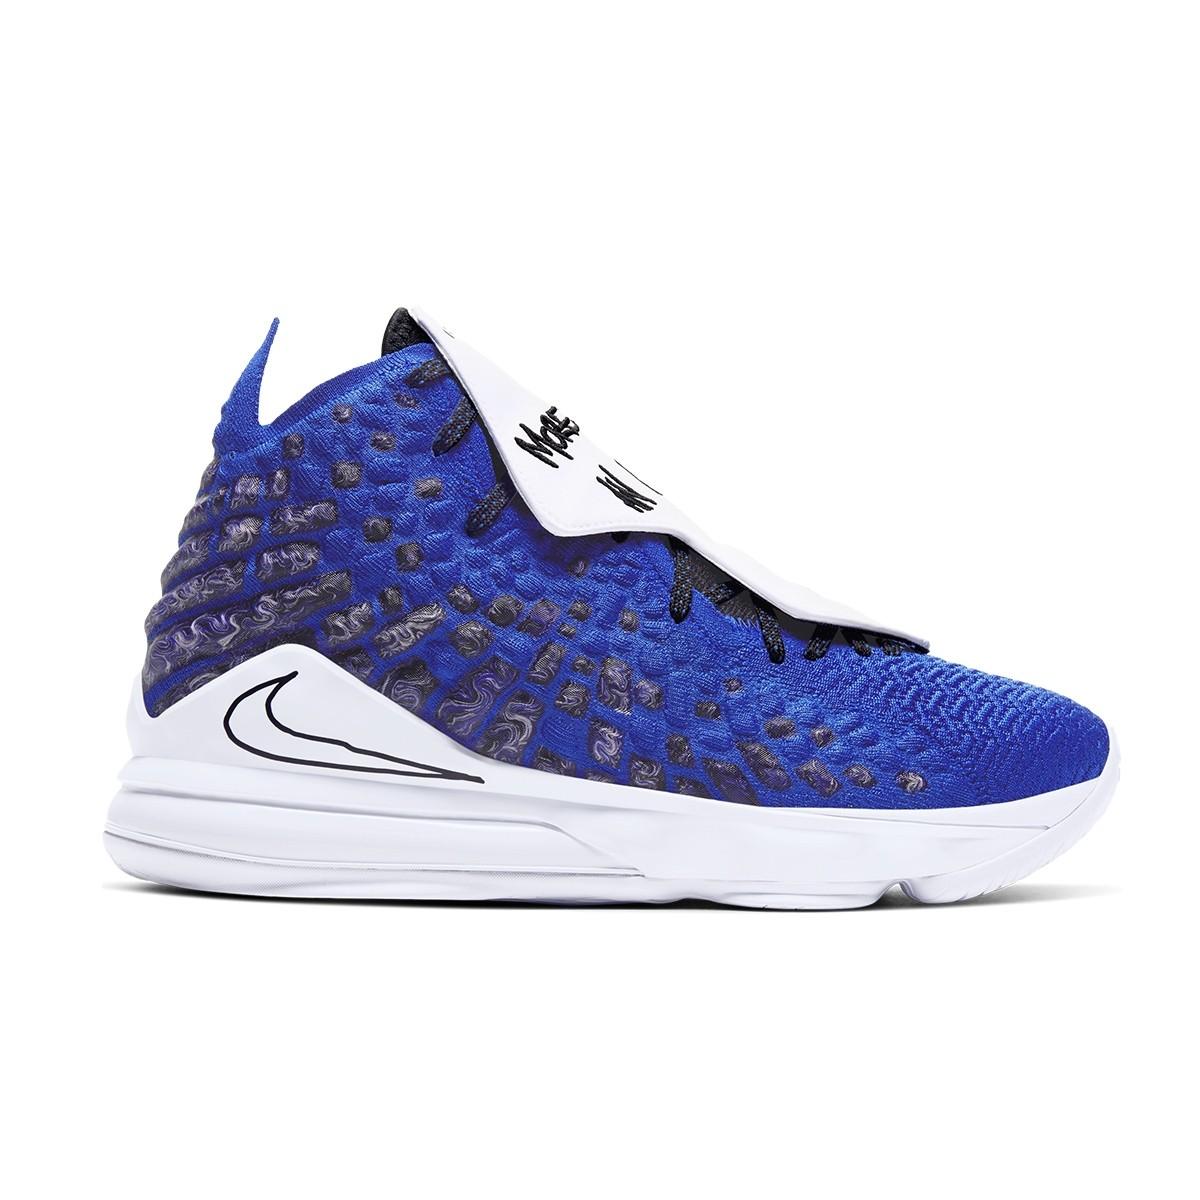 Nike Lebron XVII 'More Than an Athlete'